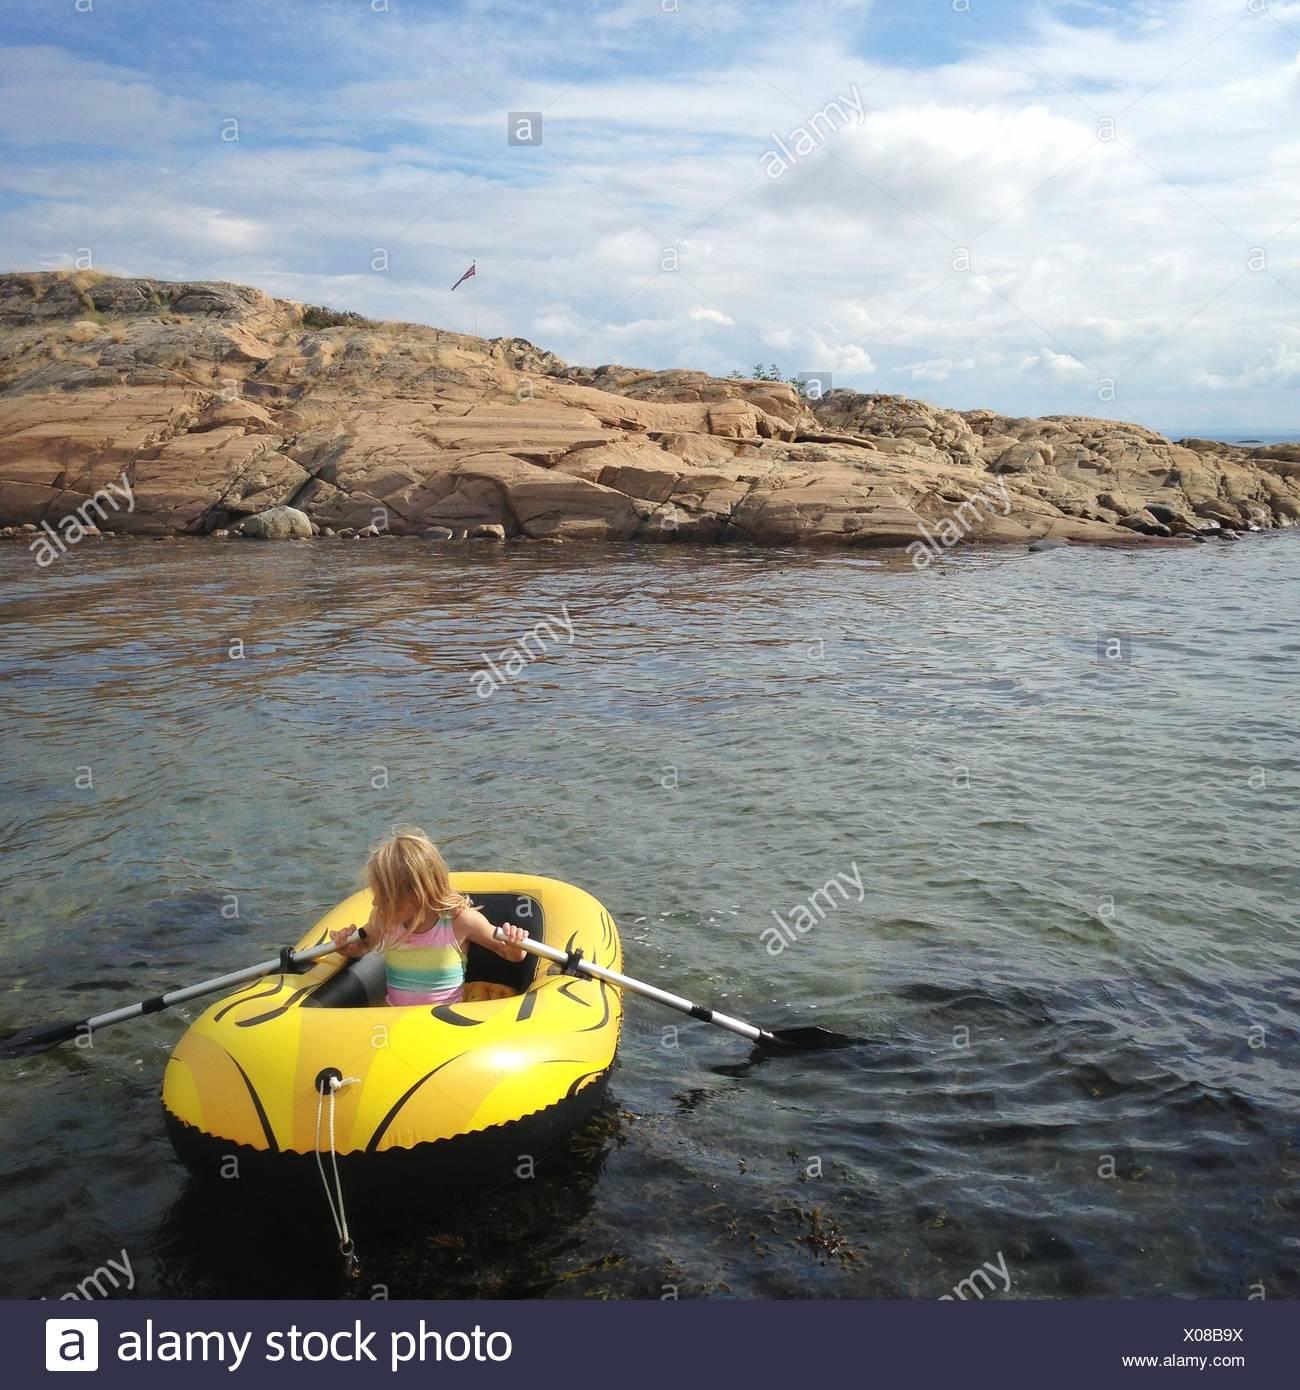 Norwegen, Mädchen (12-13) im Schlauchboot Stockbild